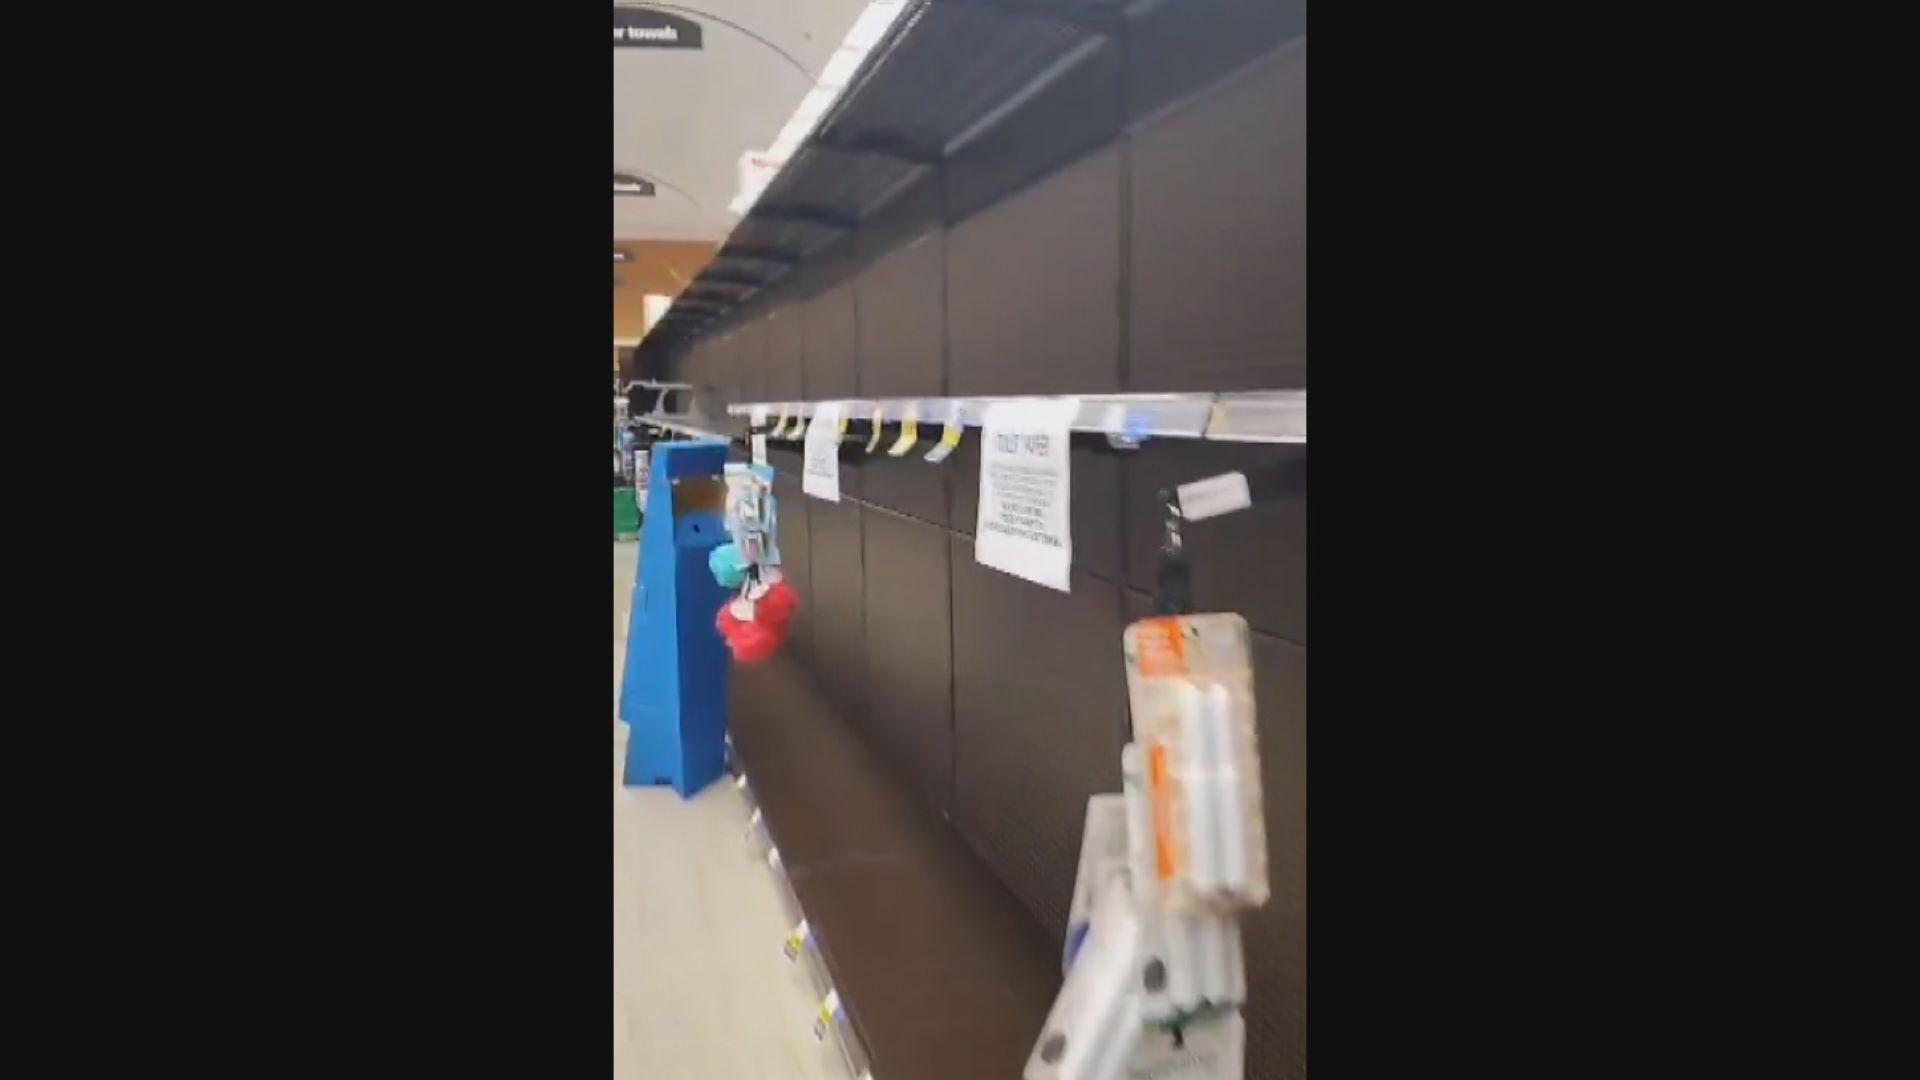 【居家令】加州港人指超市有搶購潮 有警員勸市民回家